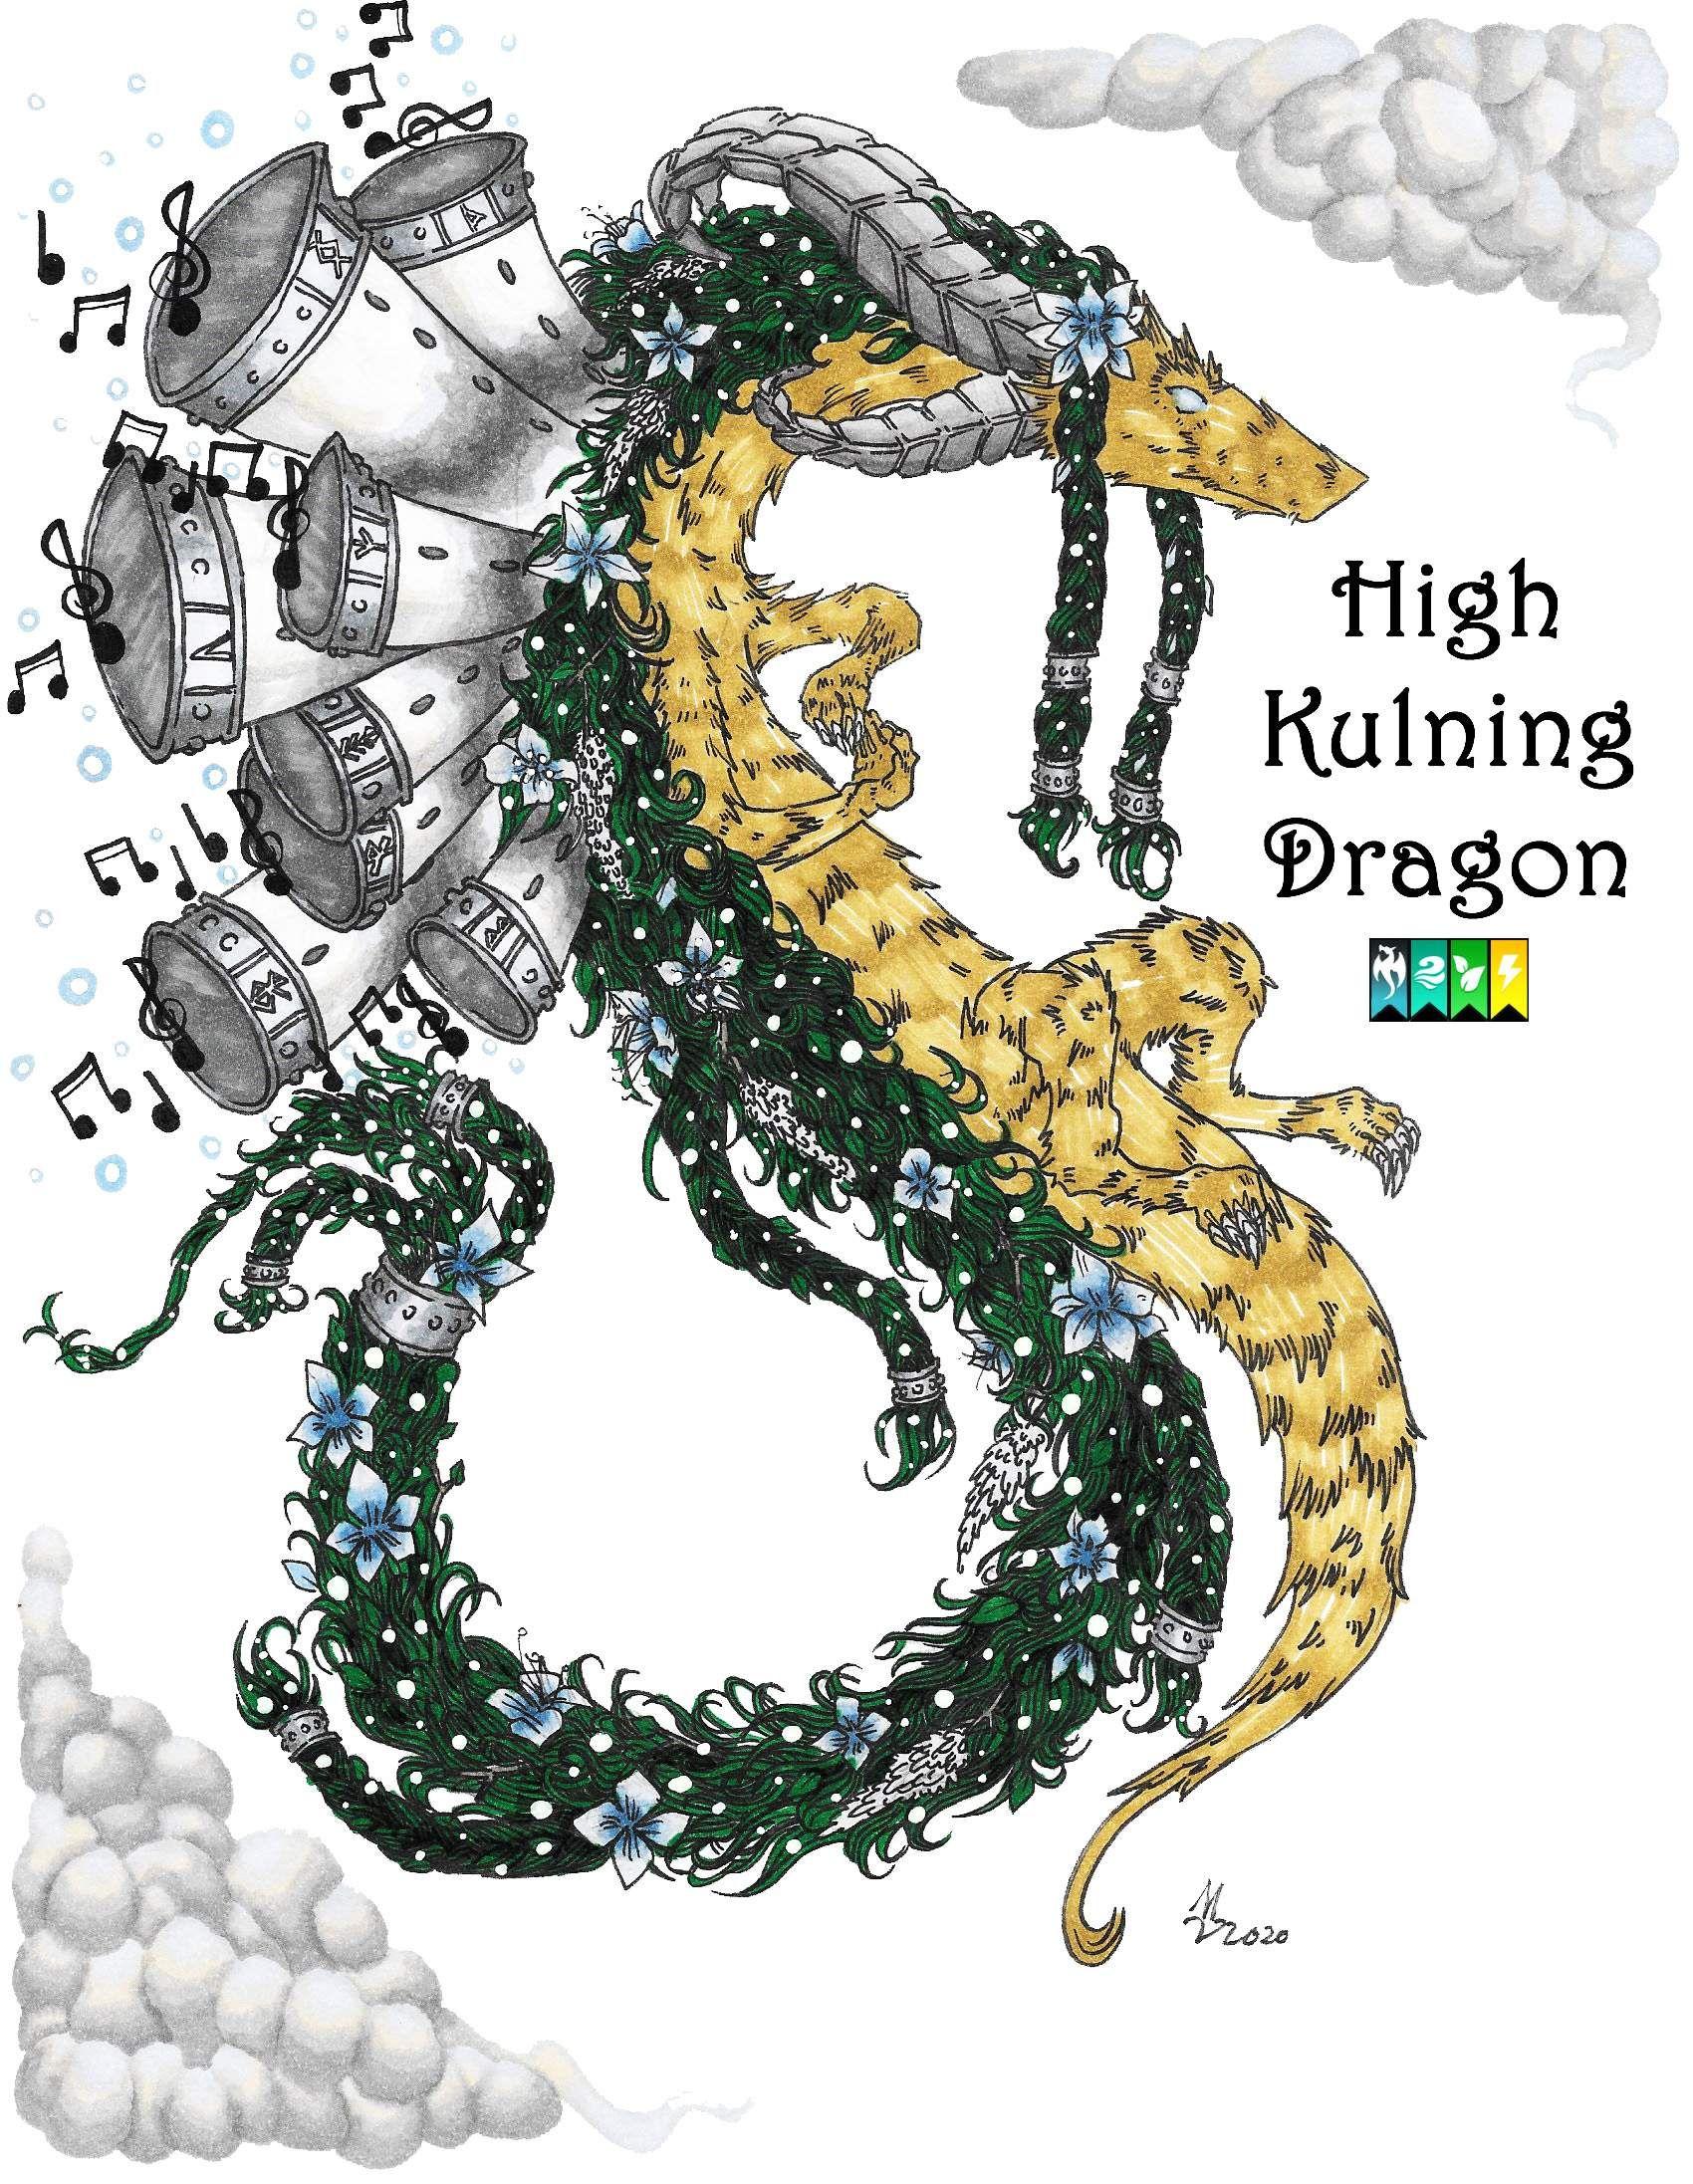 0_1614715335714_High Kulning Dragon.jpg